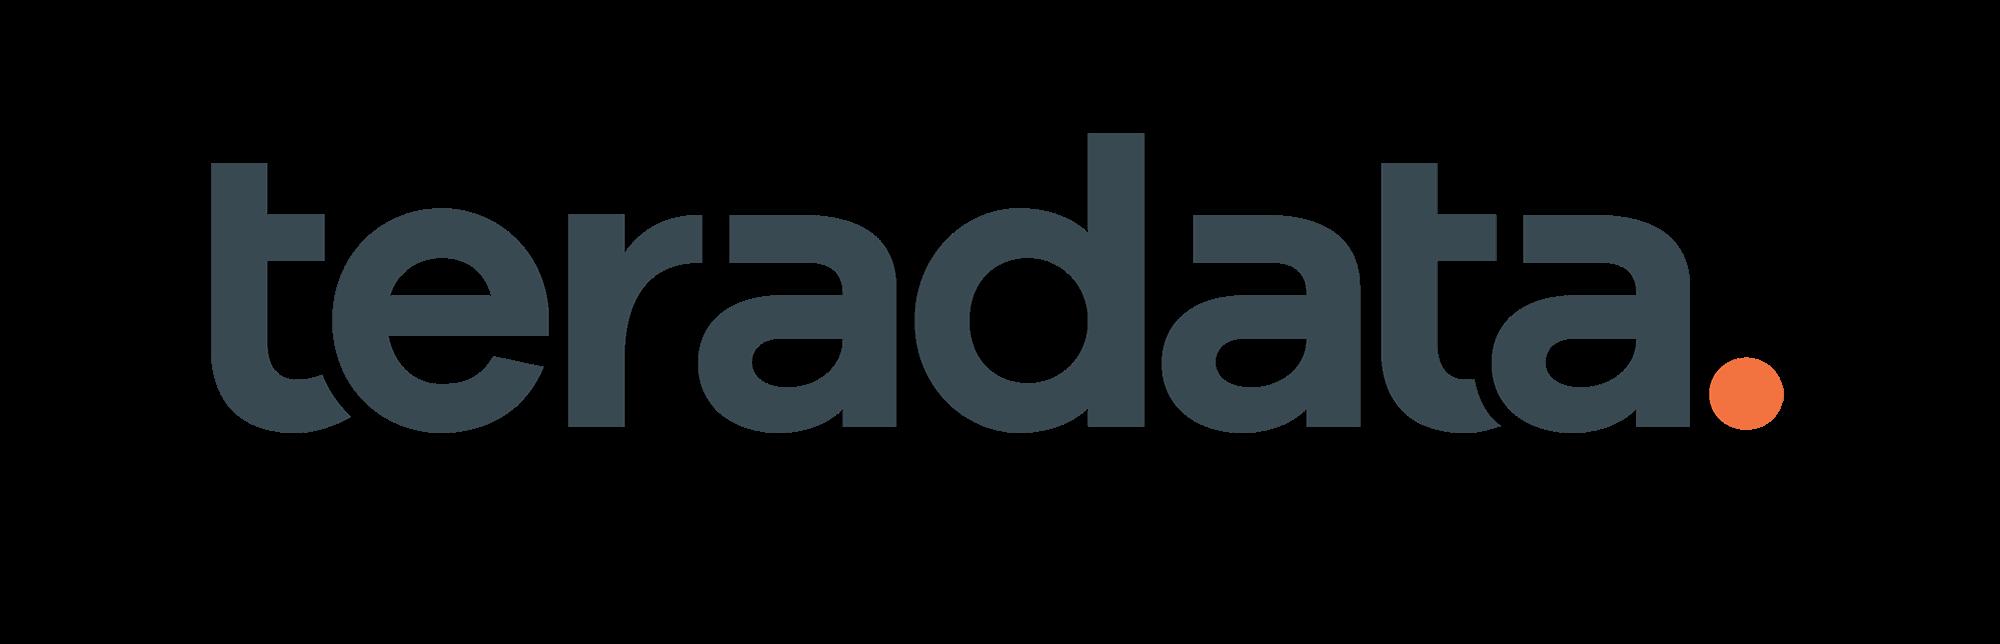 Teradata Data And Analytics Cloud Analytics Consulting